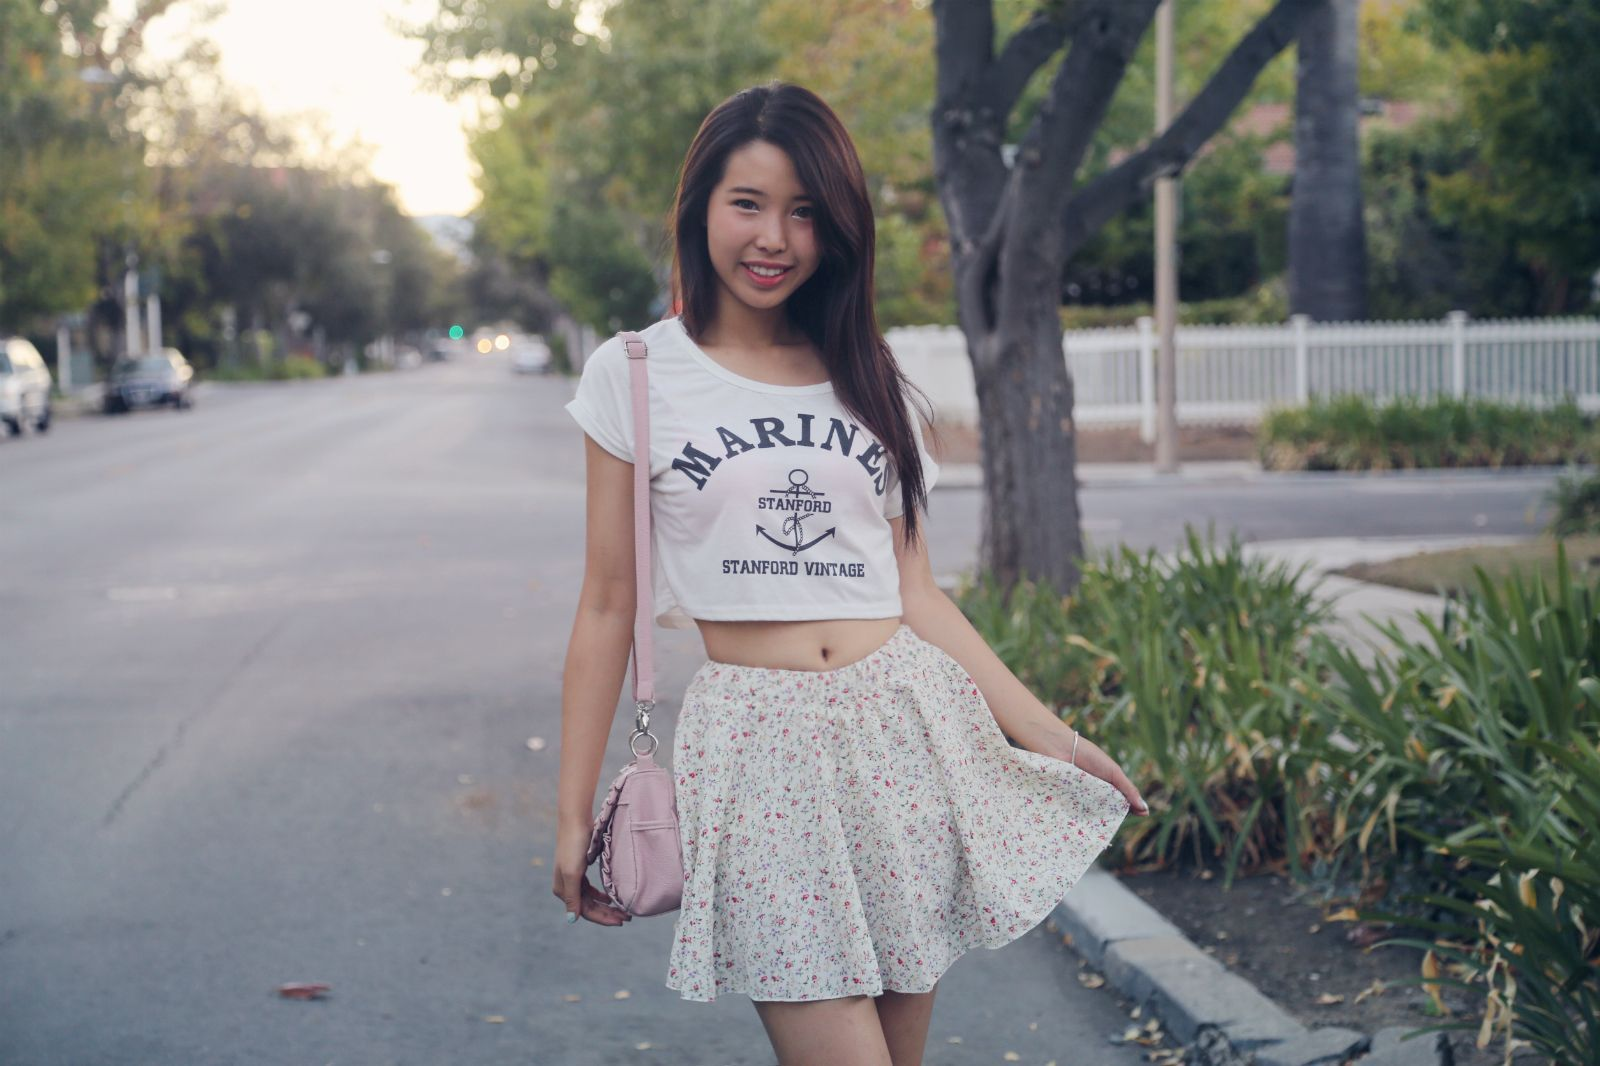 Asian girl next